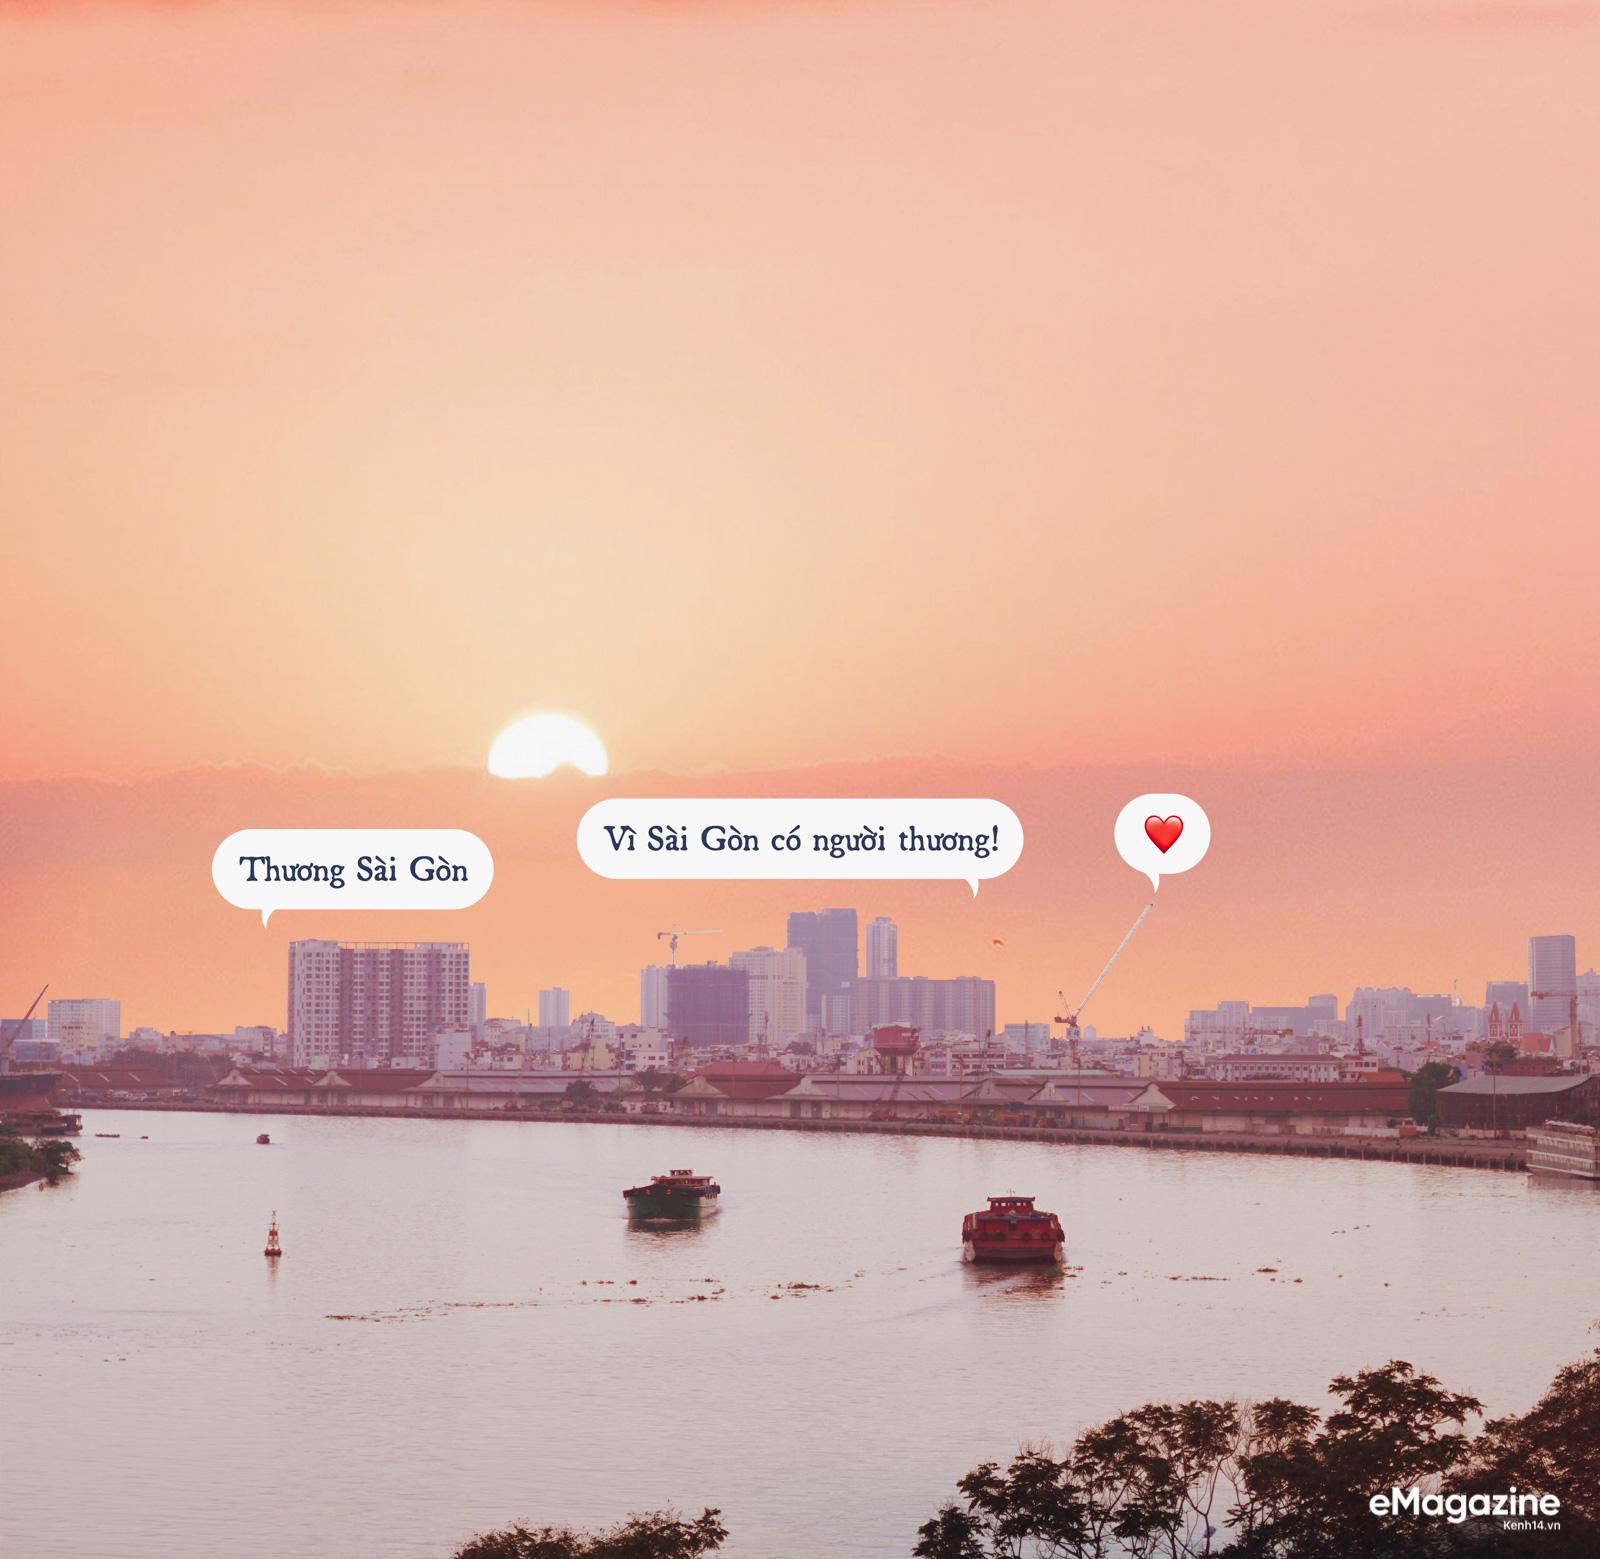 Sài Gòn thiệt thương: Nơi ta để lại tuổi trẻ nhiều nhất, đó sẽ là nơi bình yên nhất - Ảnh 8